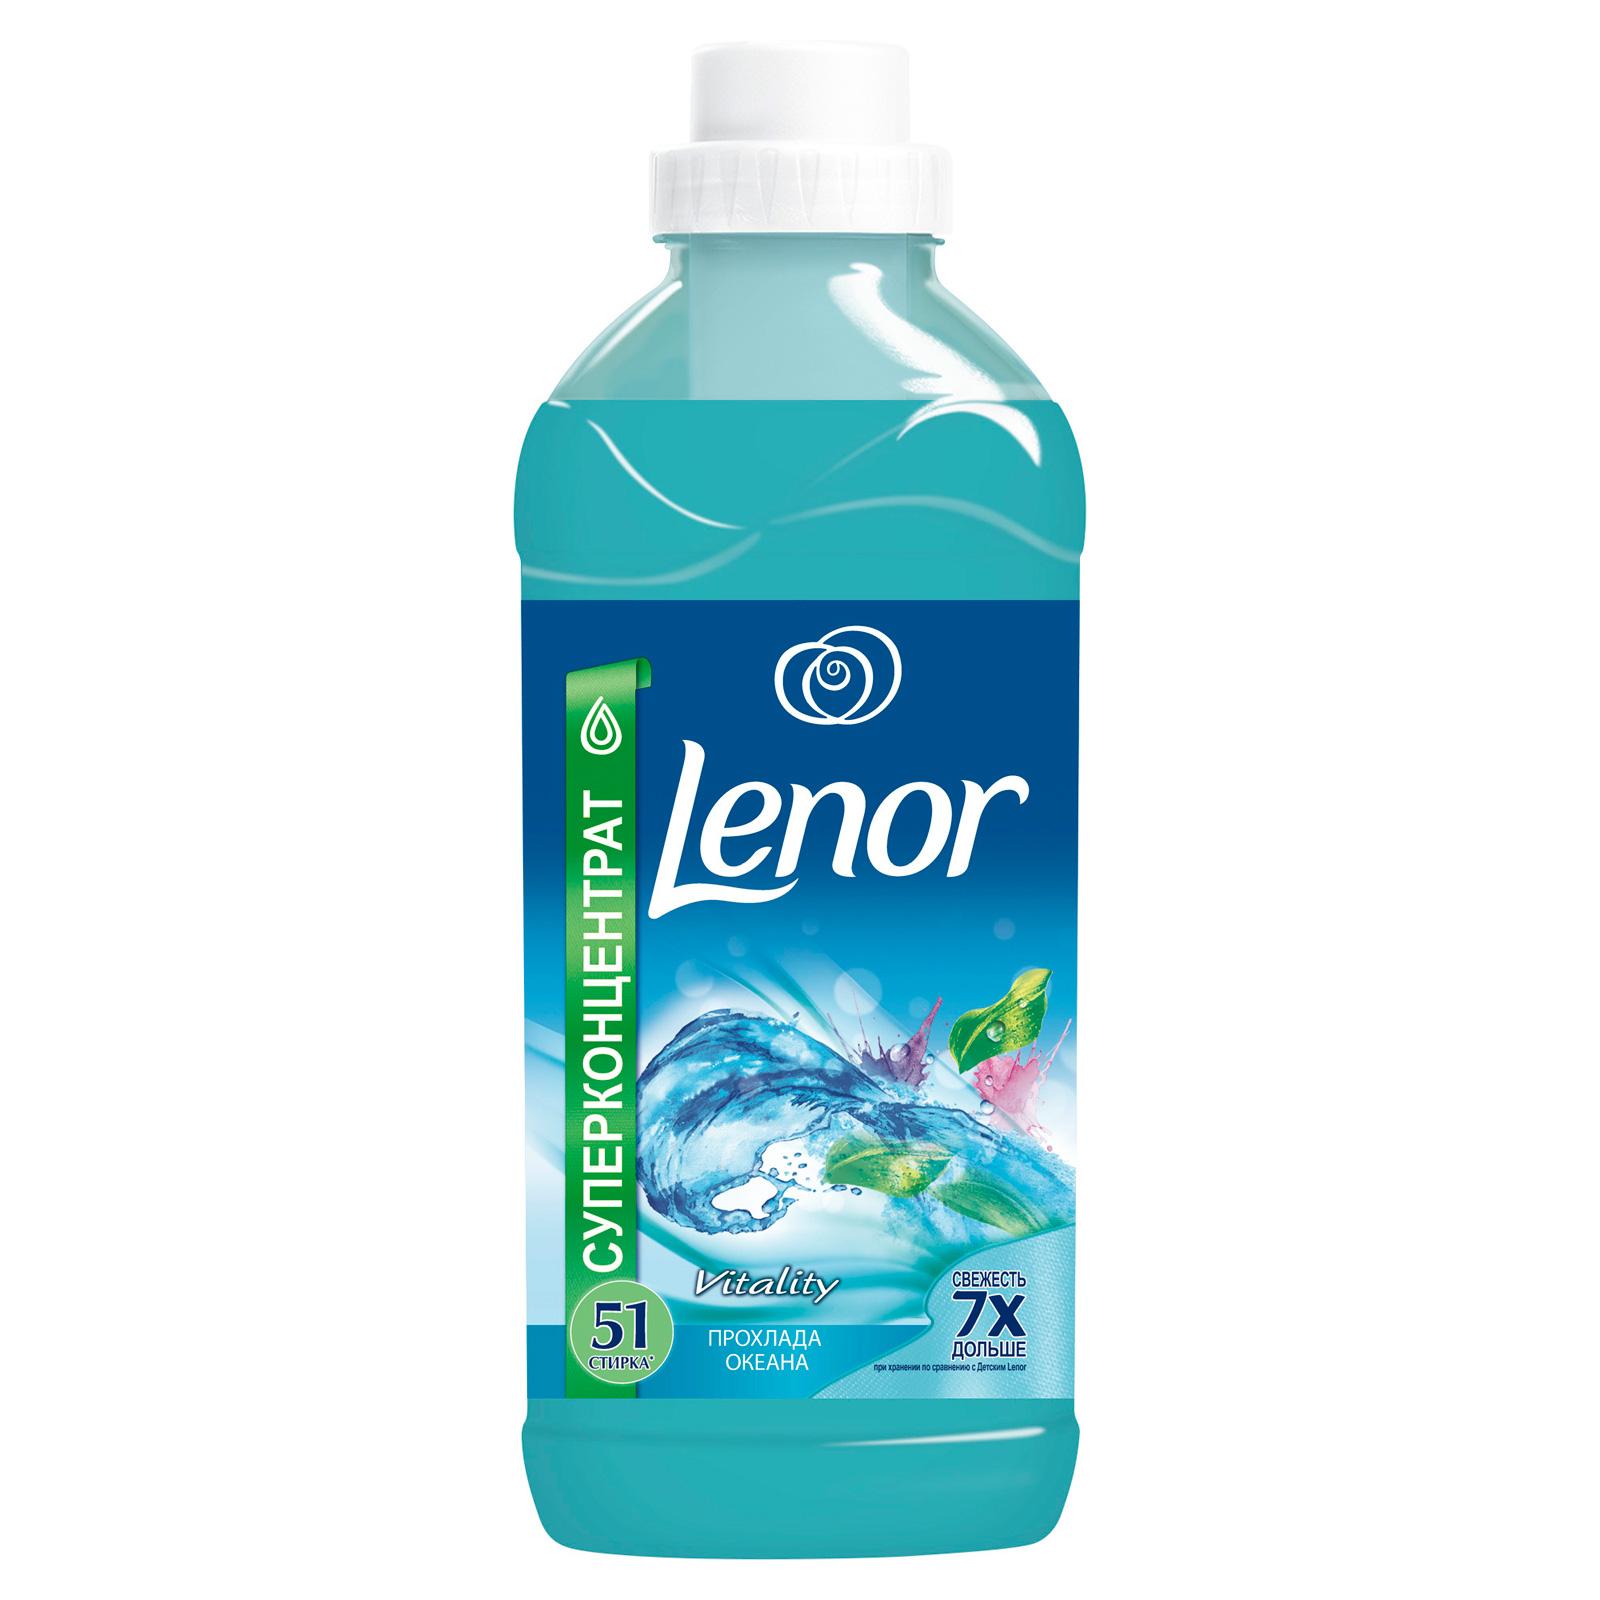 Кондиционер для белья Lenor 1,8 л Прохлада Океана 1,8л (51стирка)<br>